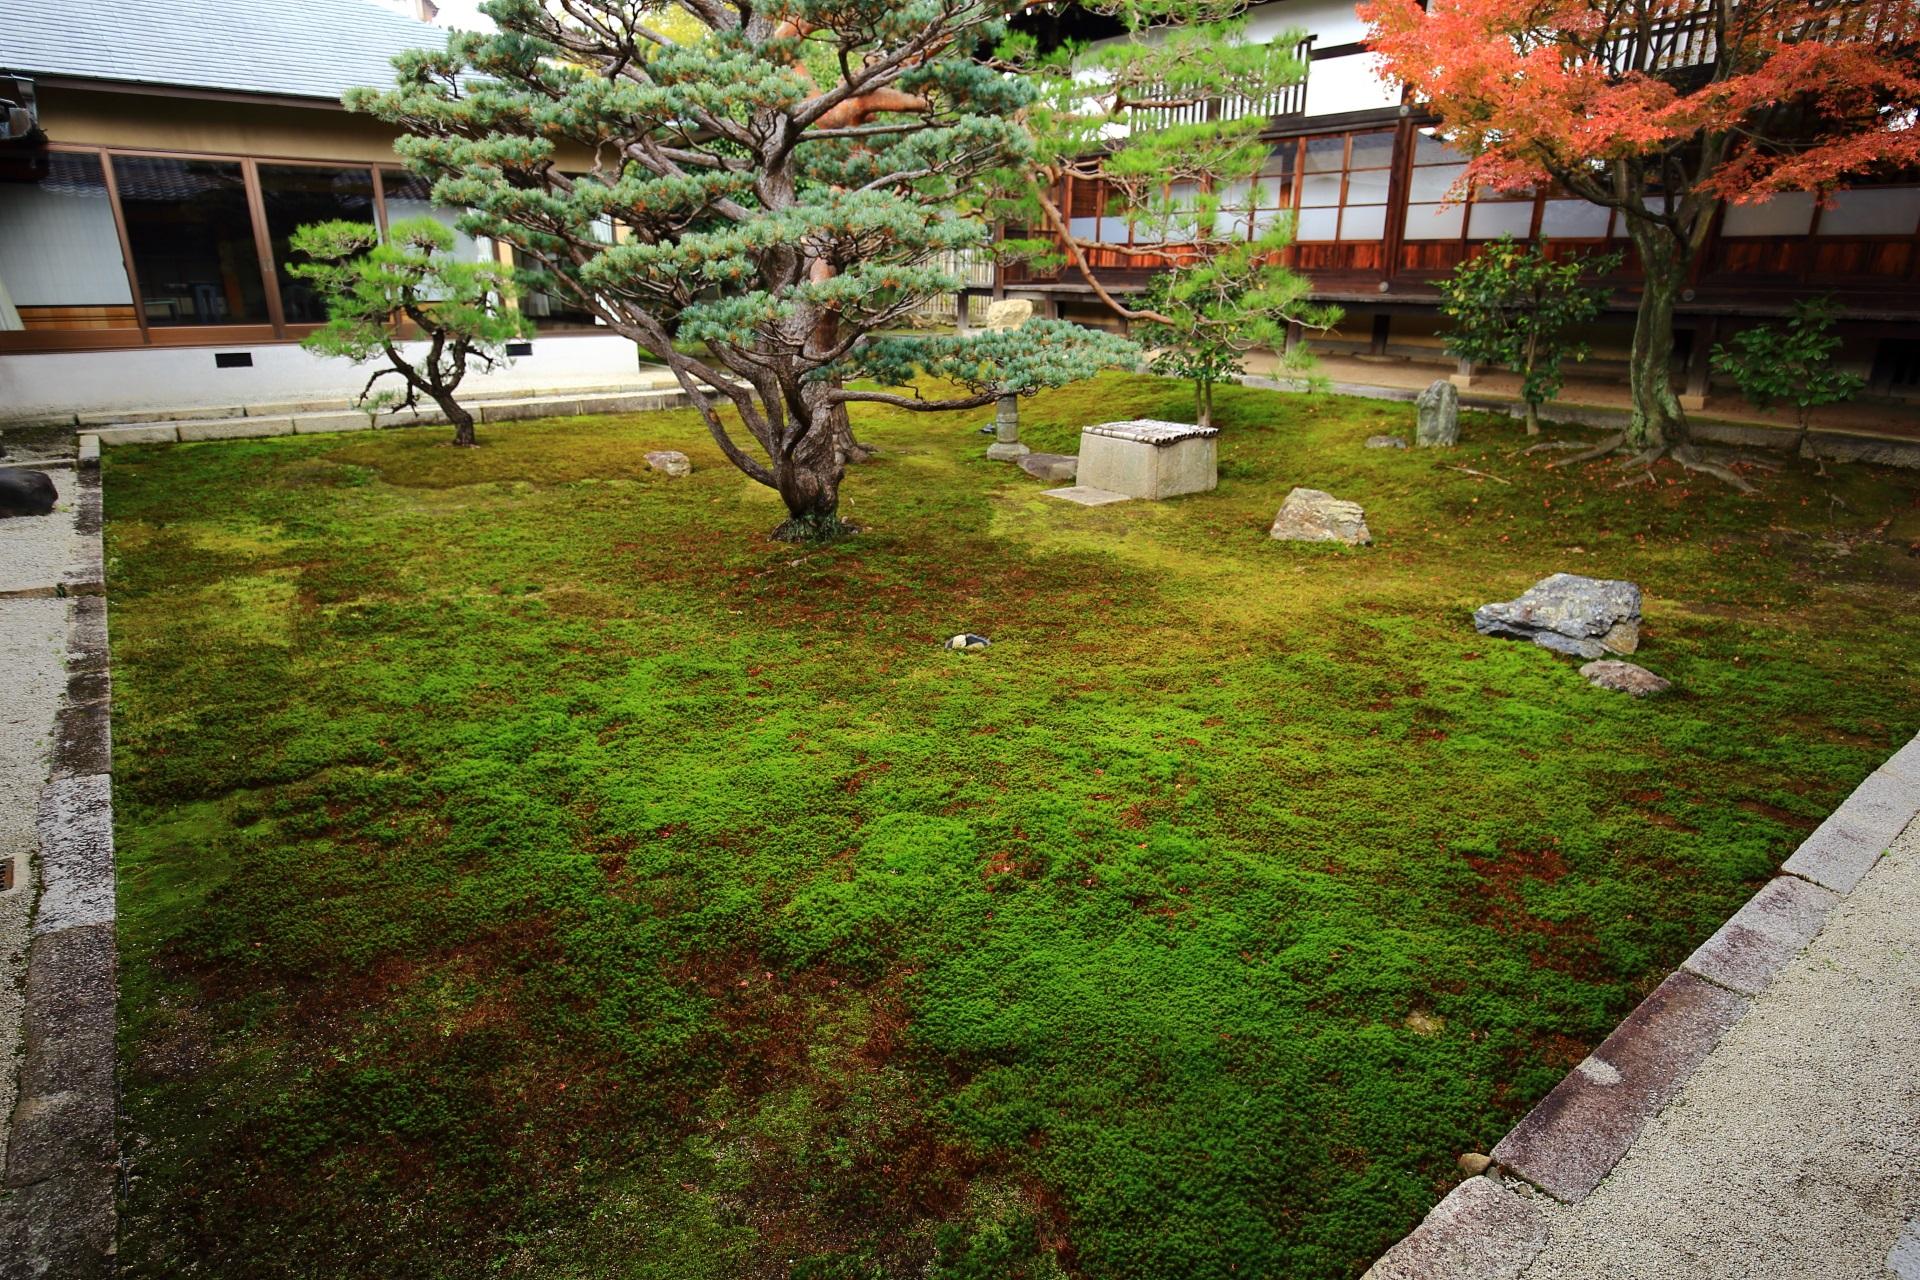 落ち着いた雰囲気のする苔に覆われた妙覚寺の書院中庭